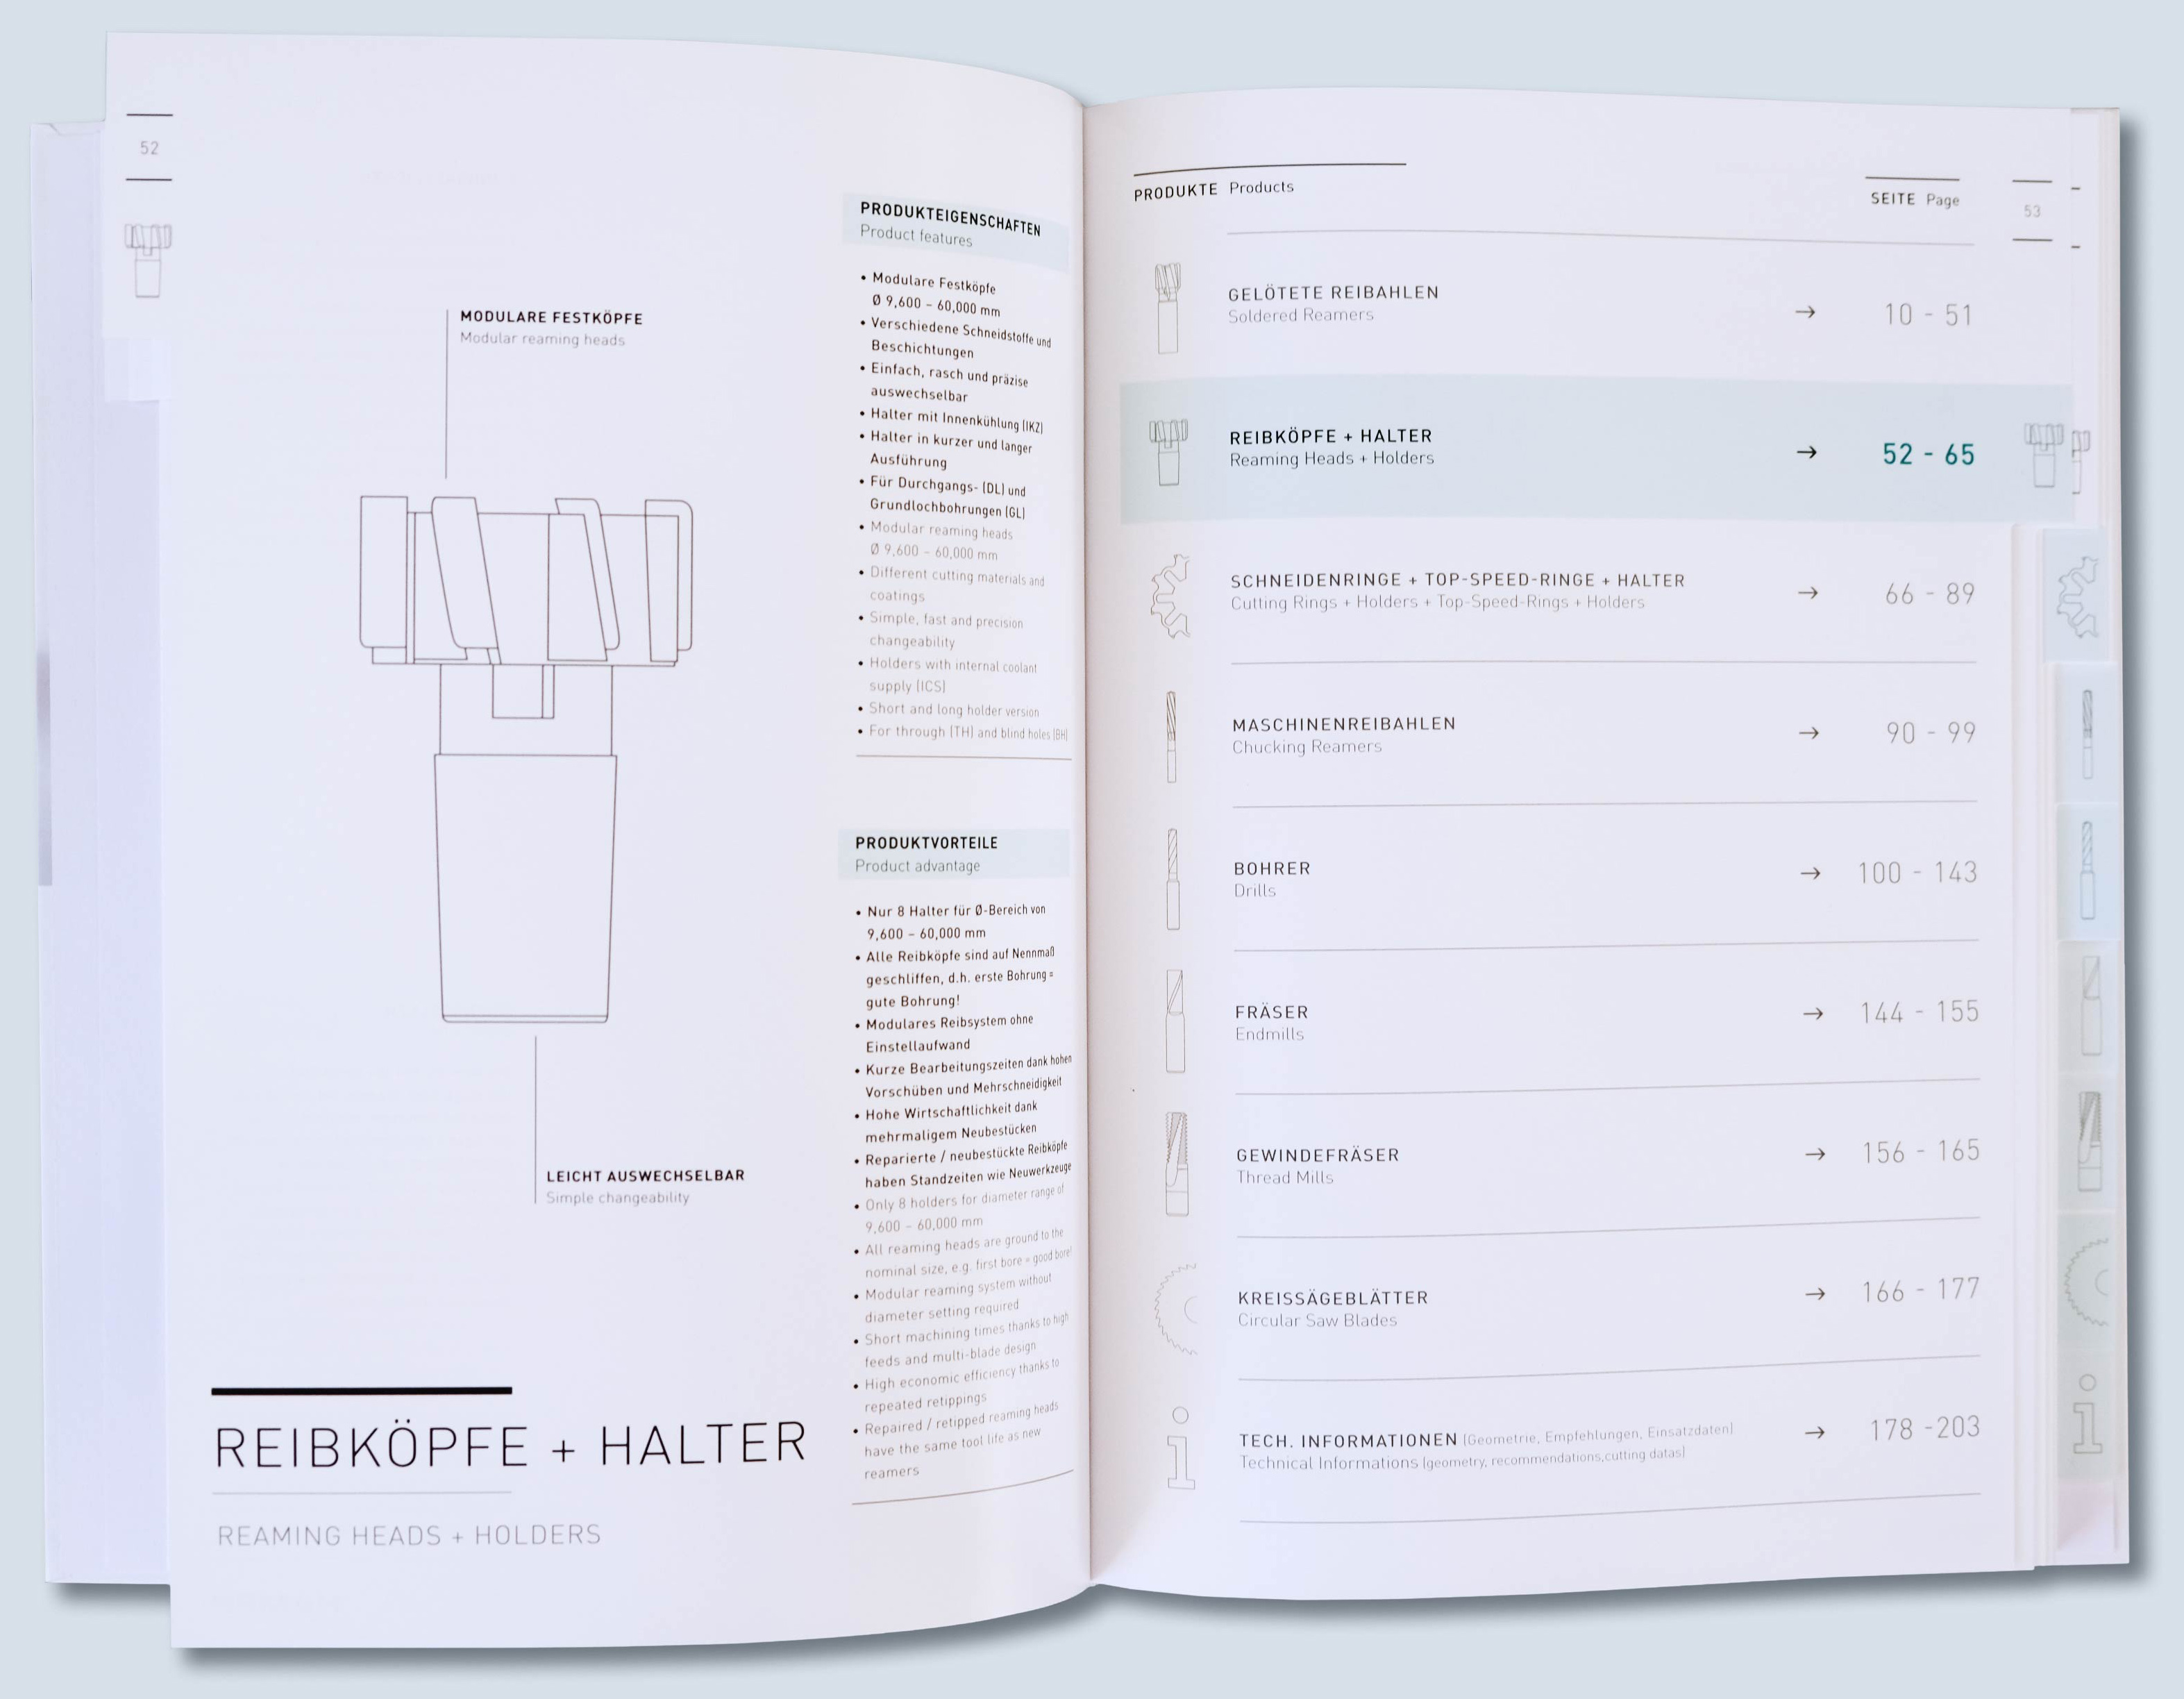 Produktkatalog Inhaltsverzeichnis Layoutdesign